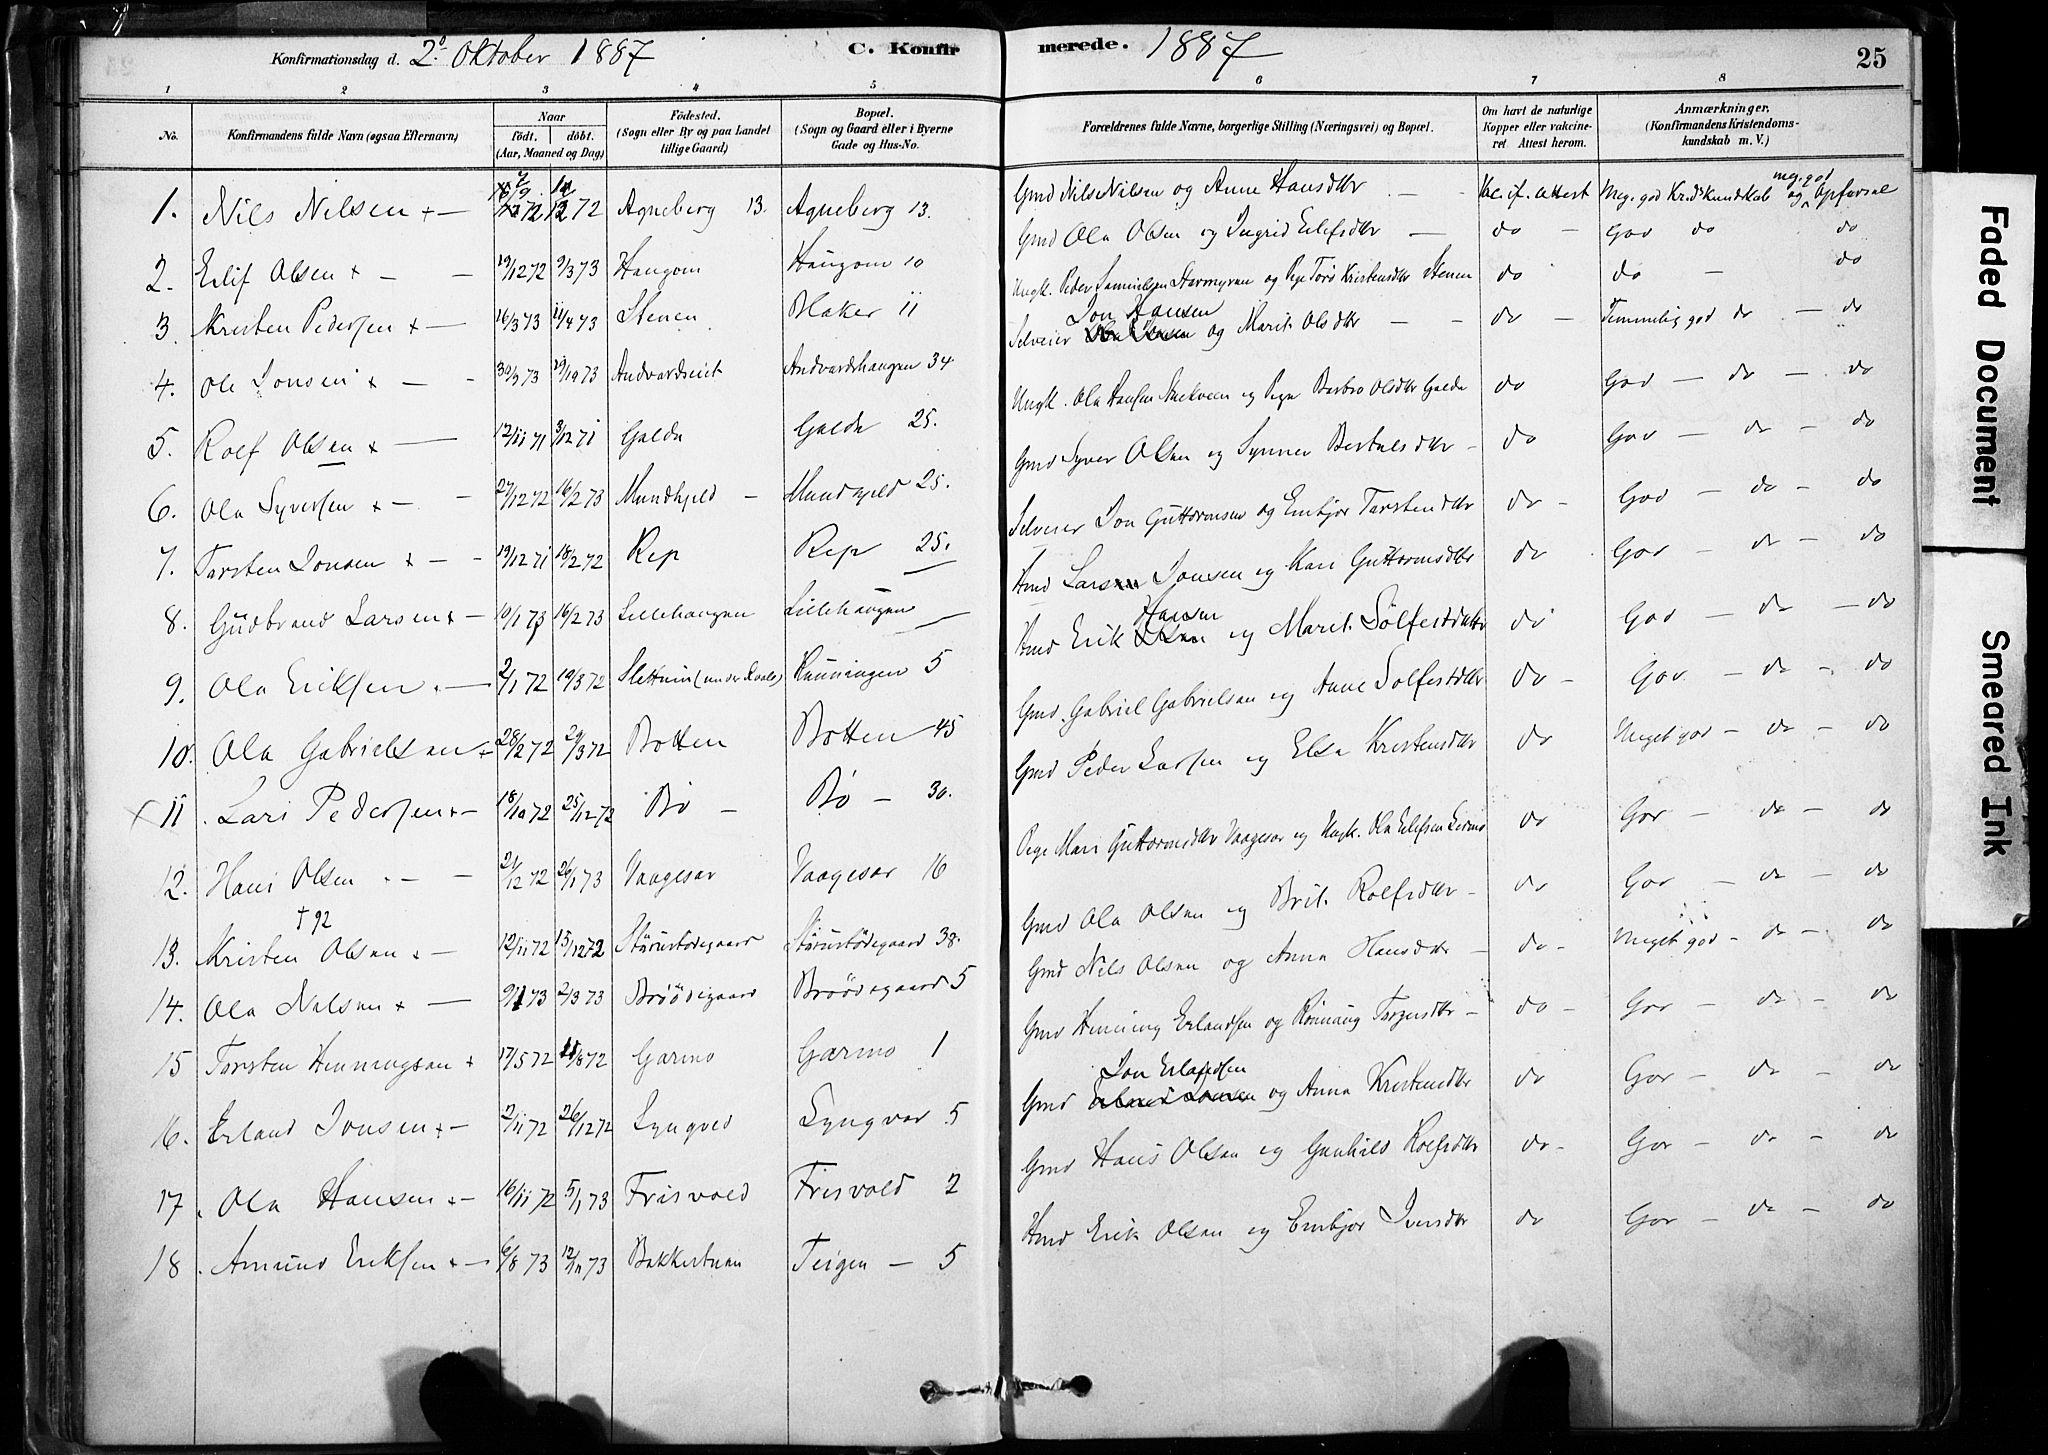 SAH, Lom prestekontor, K/L0009: Ministerialbok nr. 9, 1878-1907, s. 25